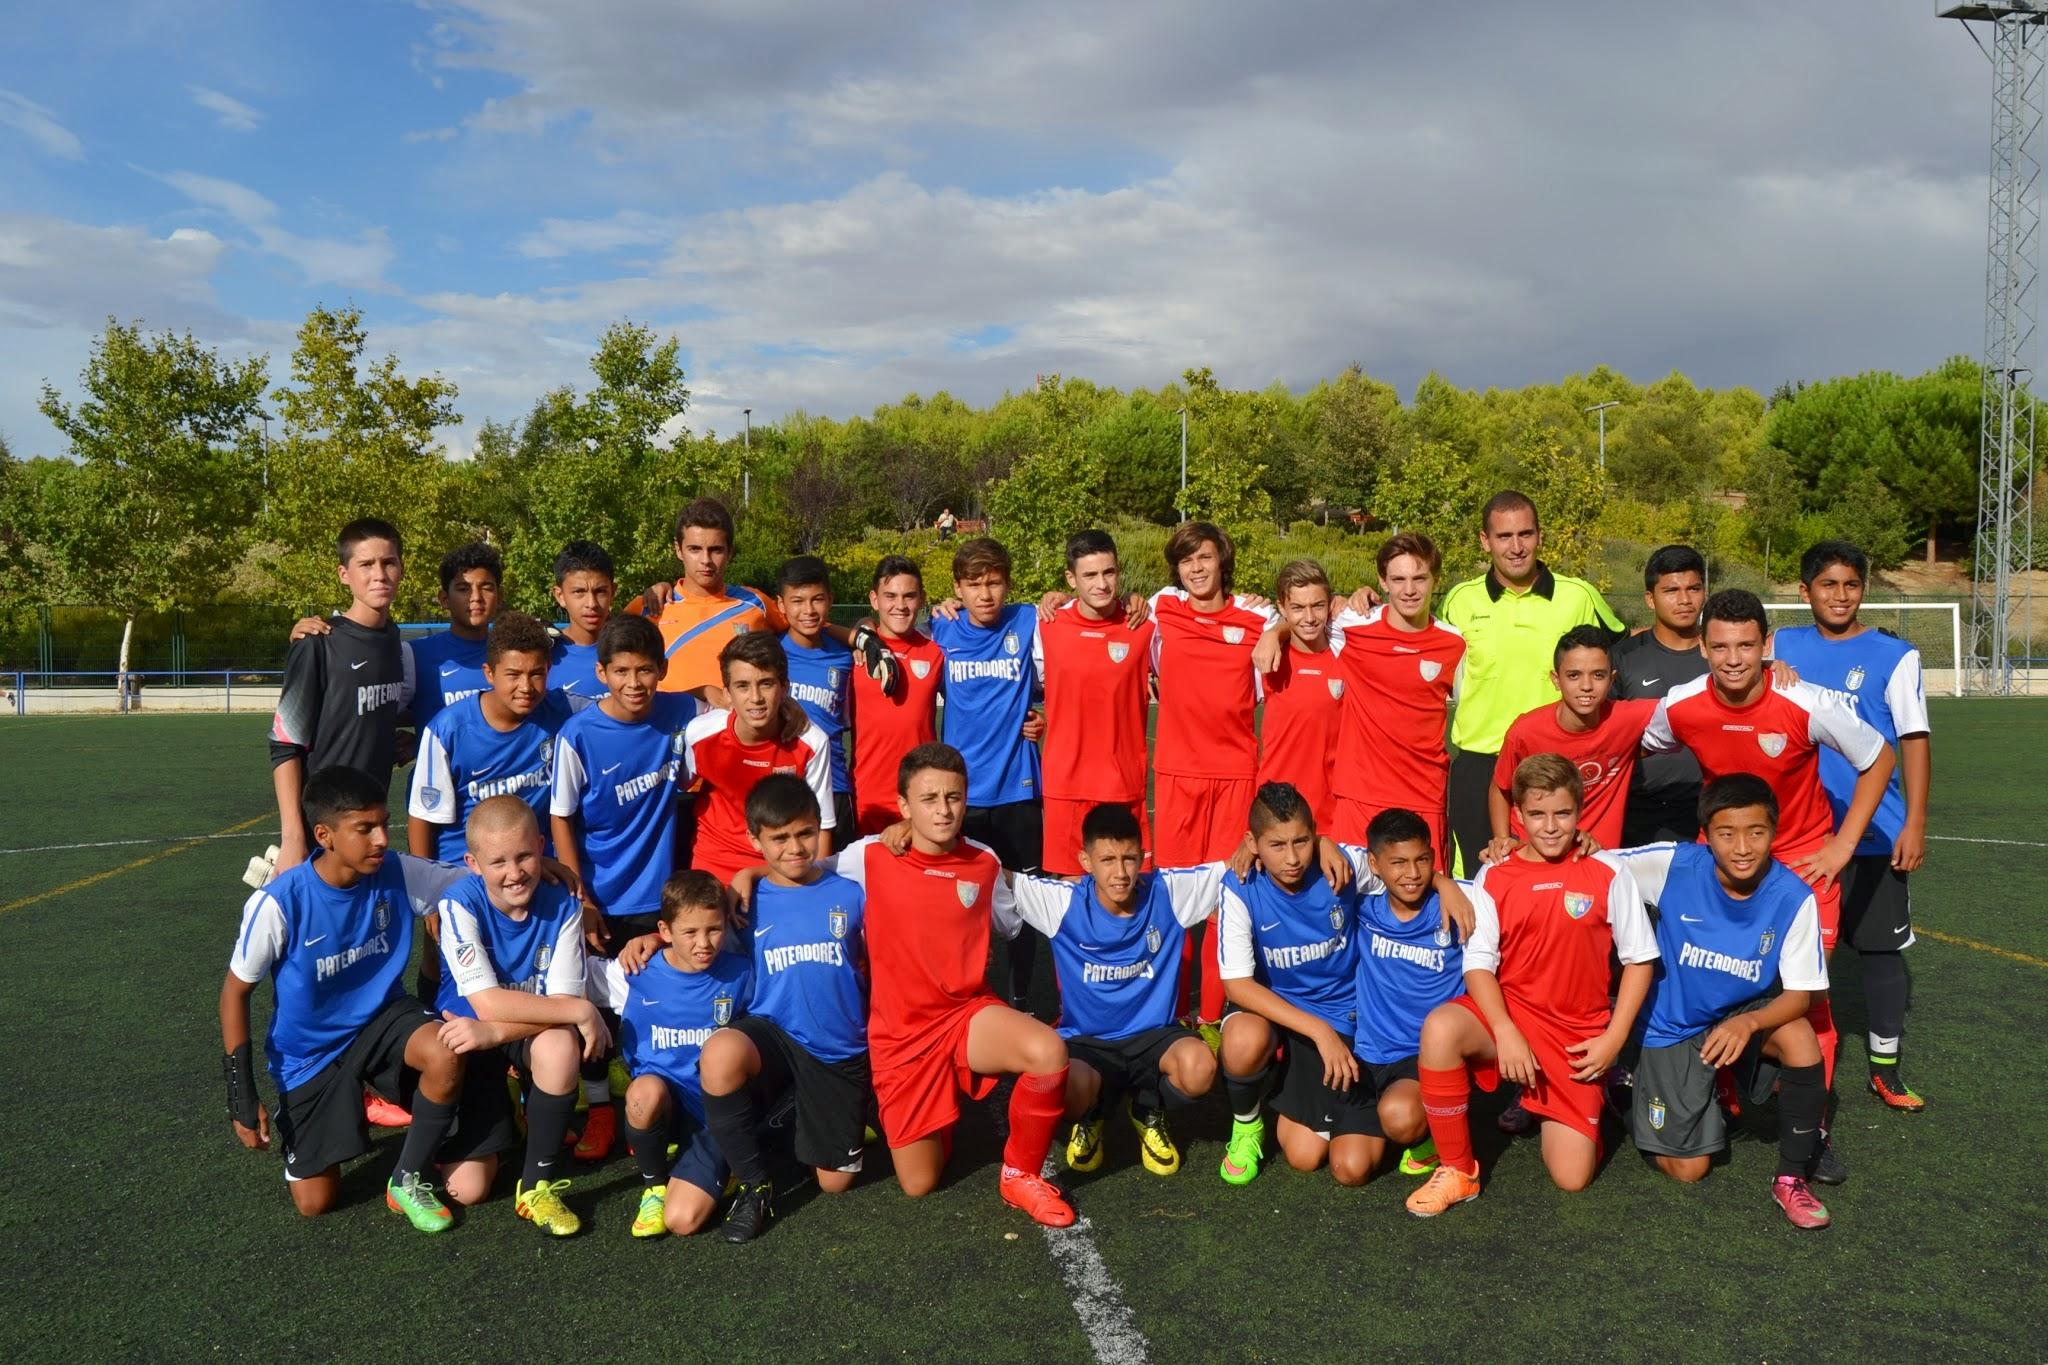 El Cadete B derrota 2-1 al equipo estadounidense de los Pateadores